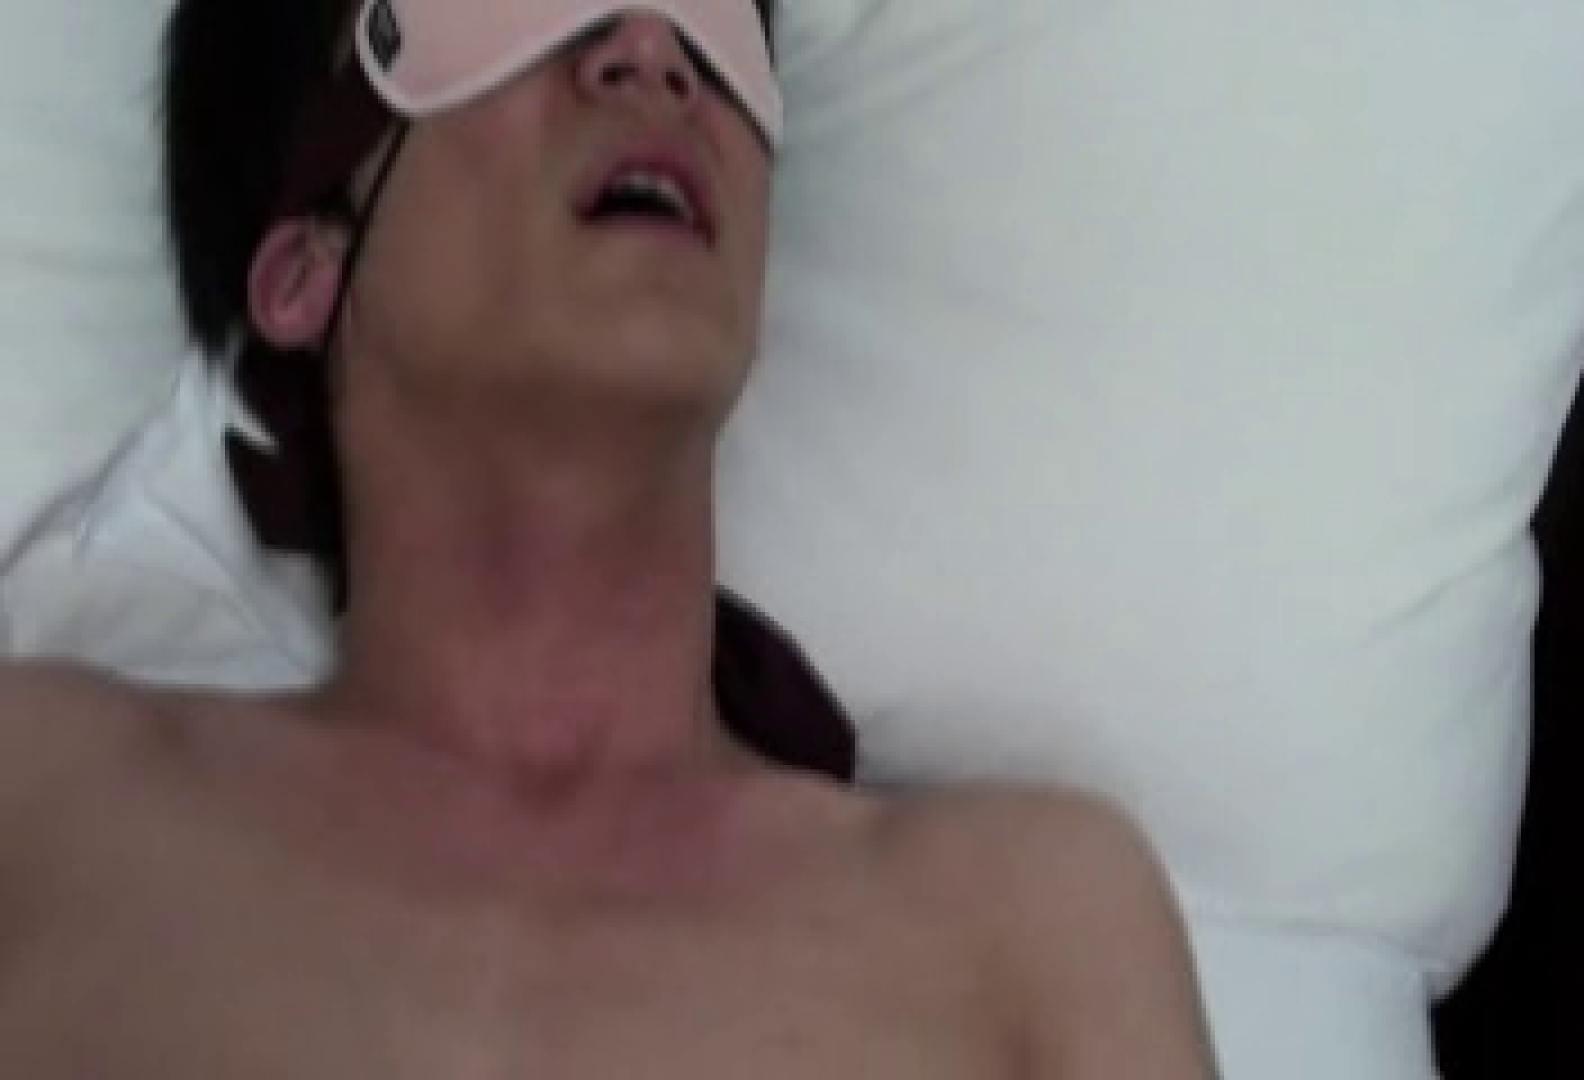 アイマスクでおもいっきり性感帯!!vol.03 前立腺 おちんちん画像 99画像 94